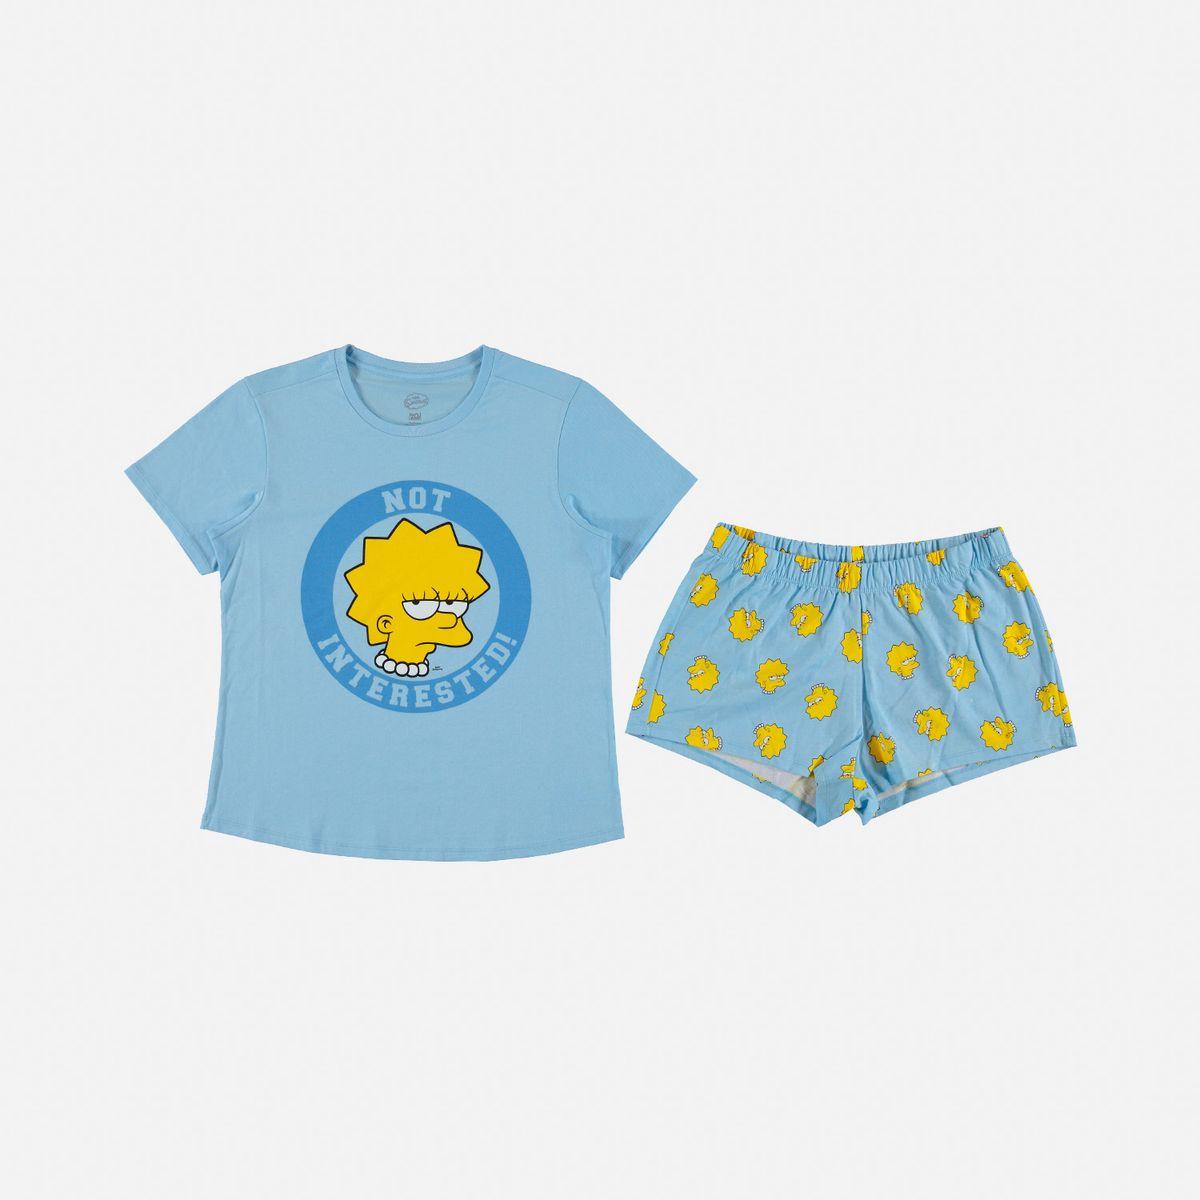 233305-pijamas-mujer-simpsons-corto-corto-1